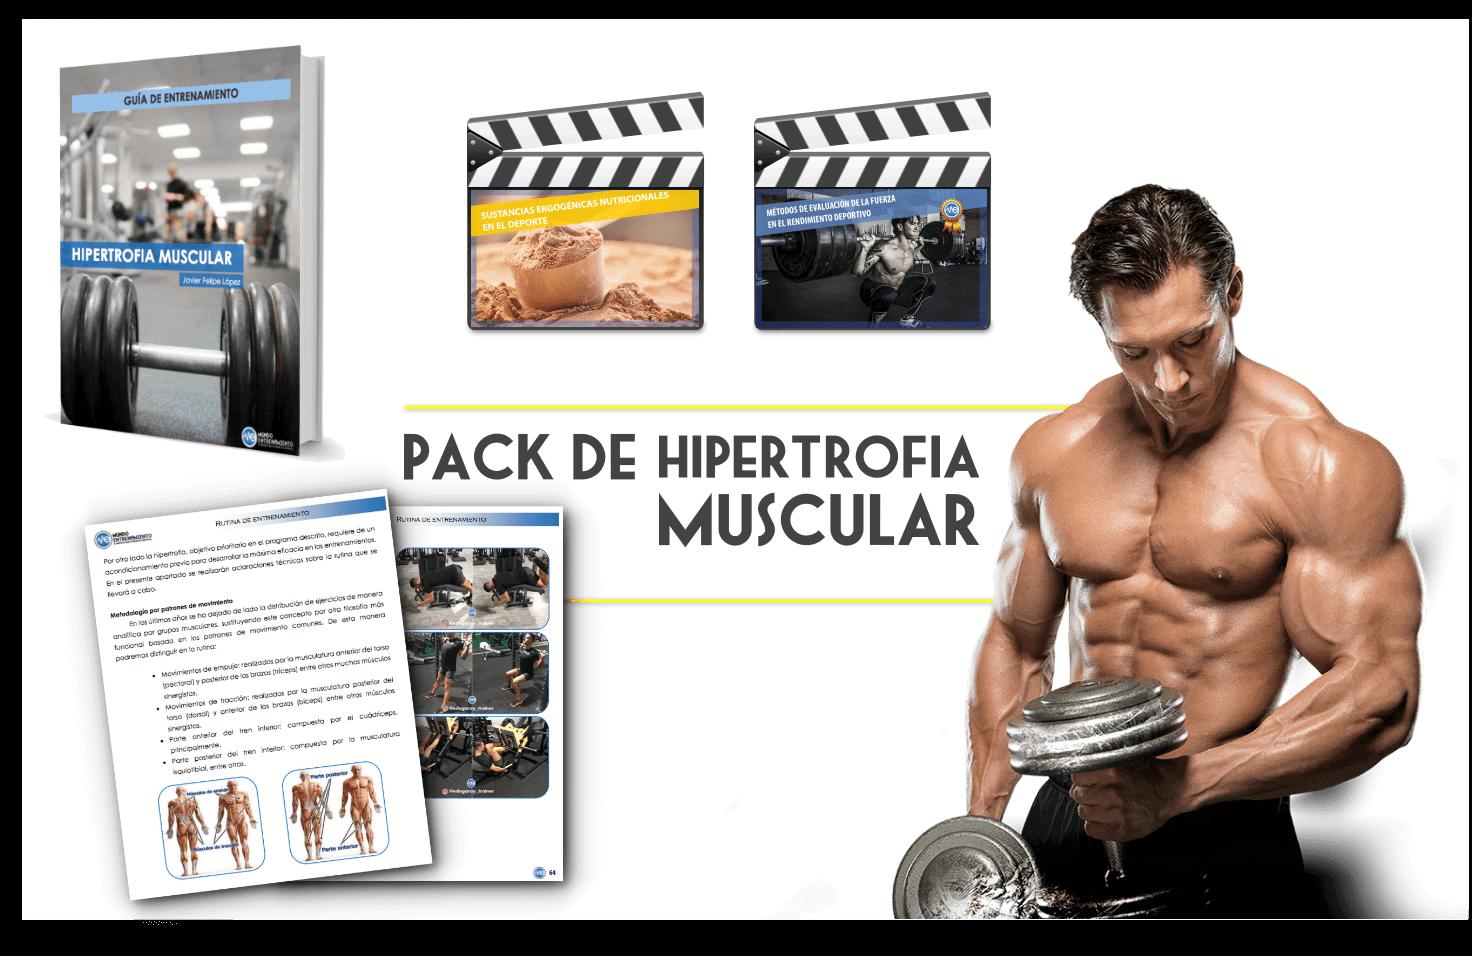 pack hipertrofia